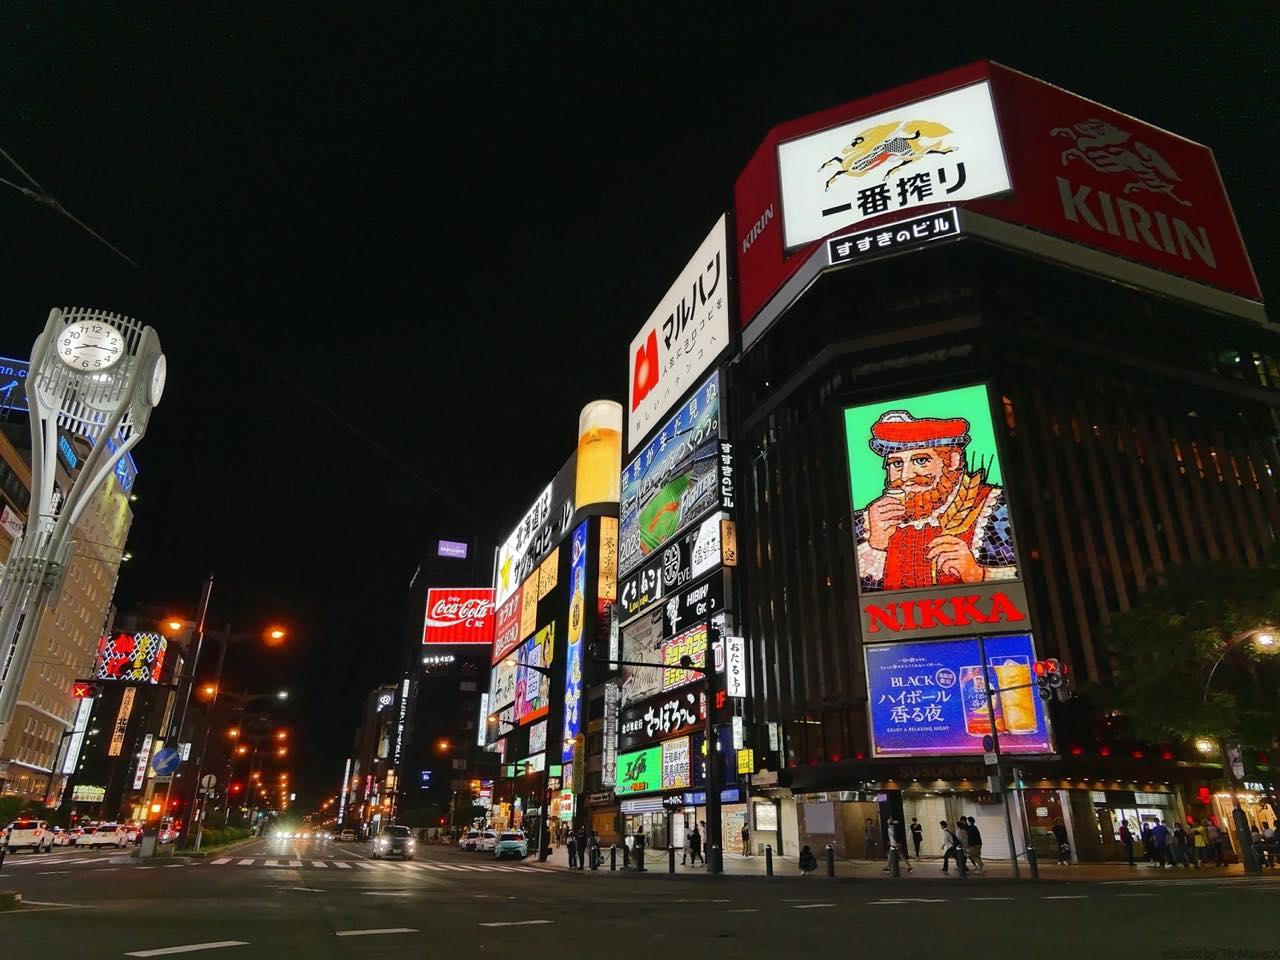 観光地リアルレポート。7月の札幌市街の様子を動画で取材